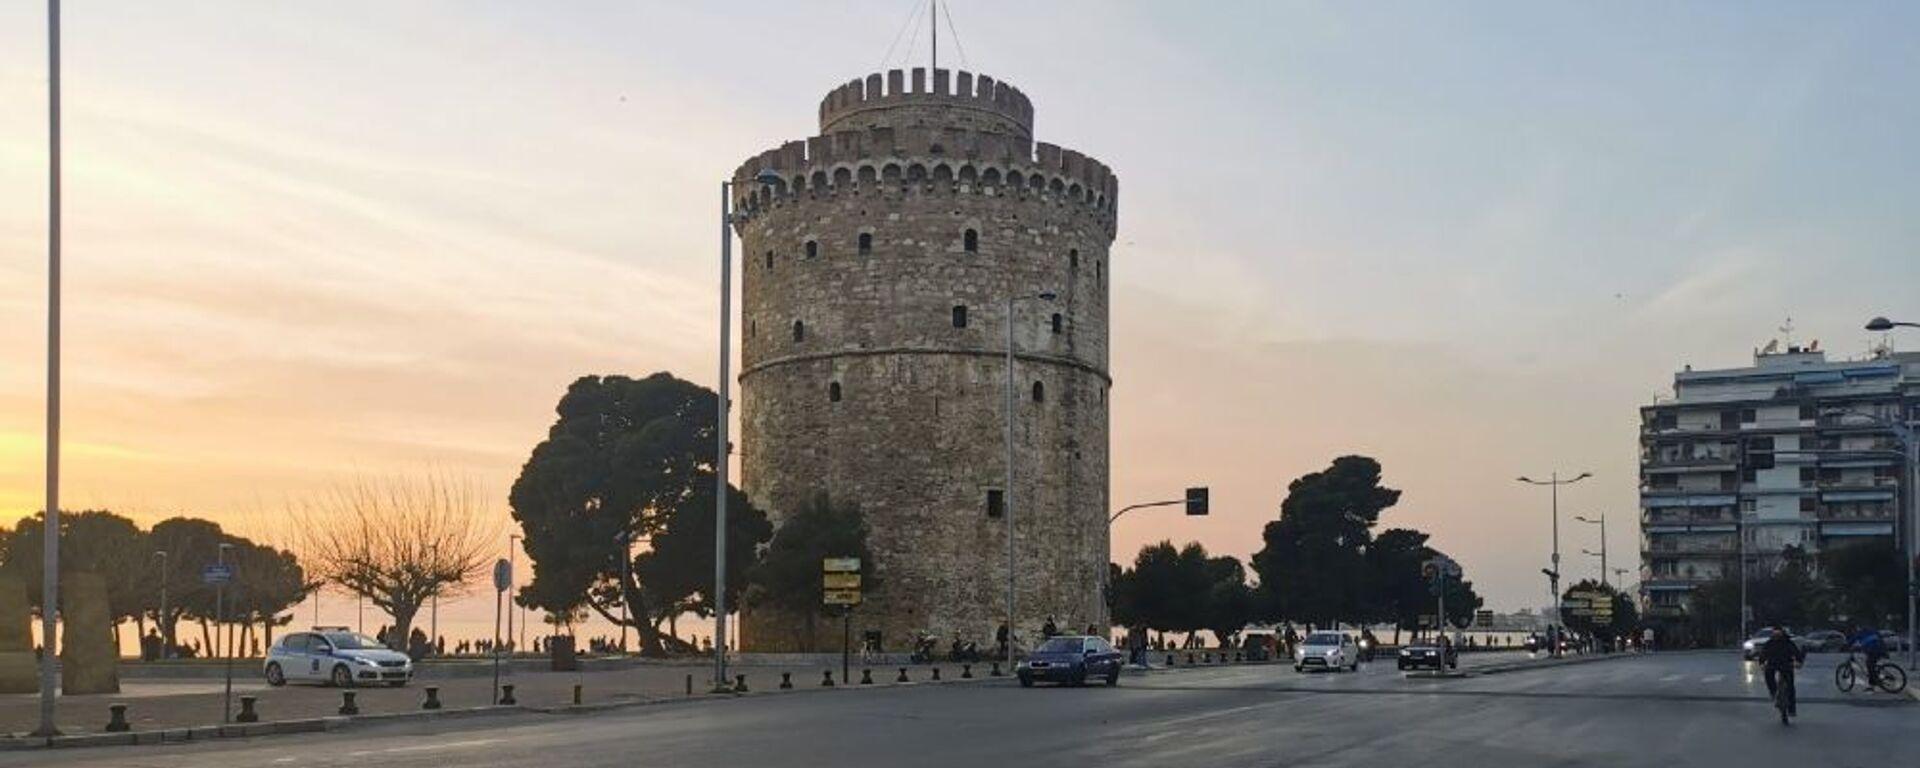 Ο Λευκός Πύργος στη Θεσσαλονίκη - Sputnik Ελλάδα, 1920, 17.09.2021